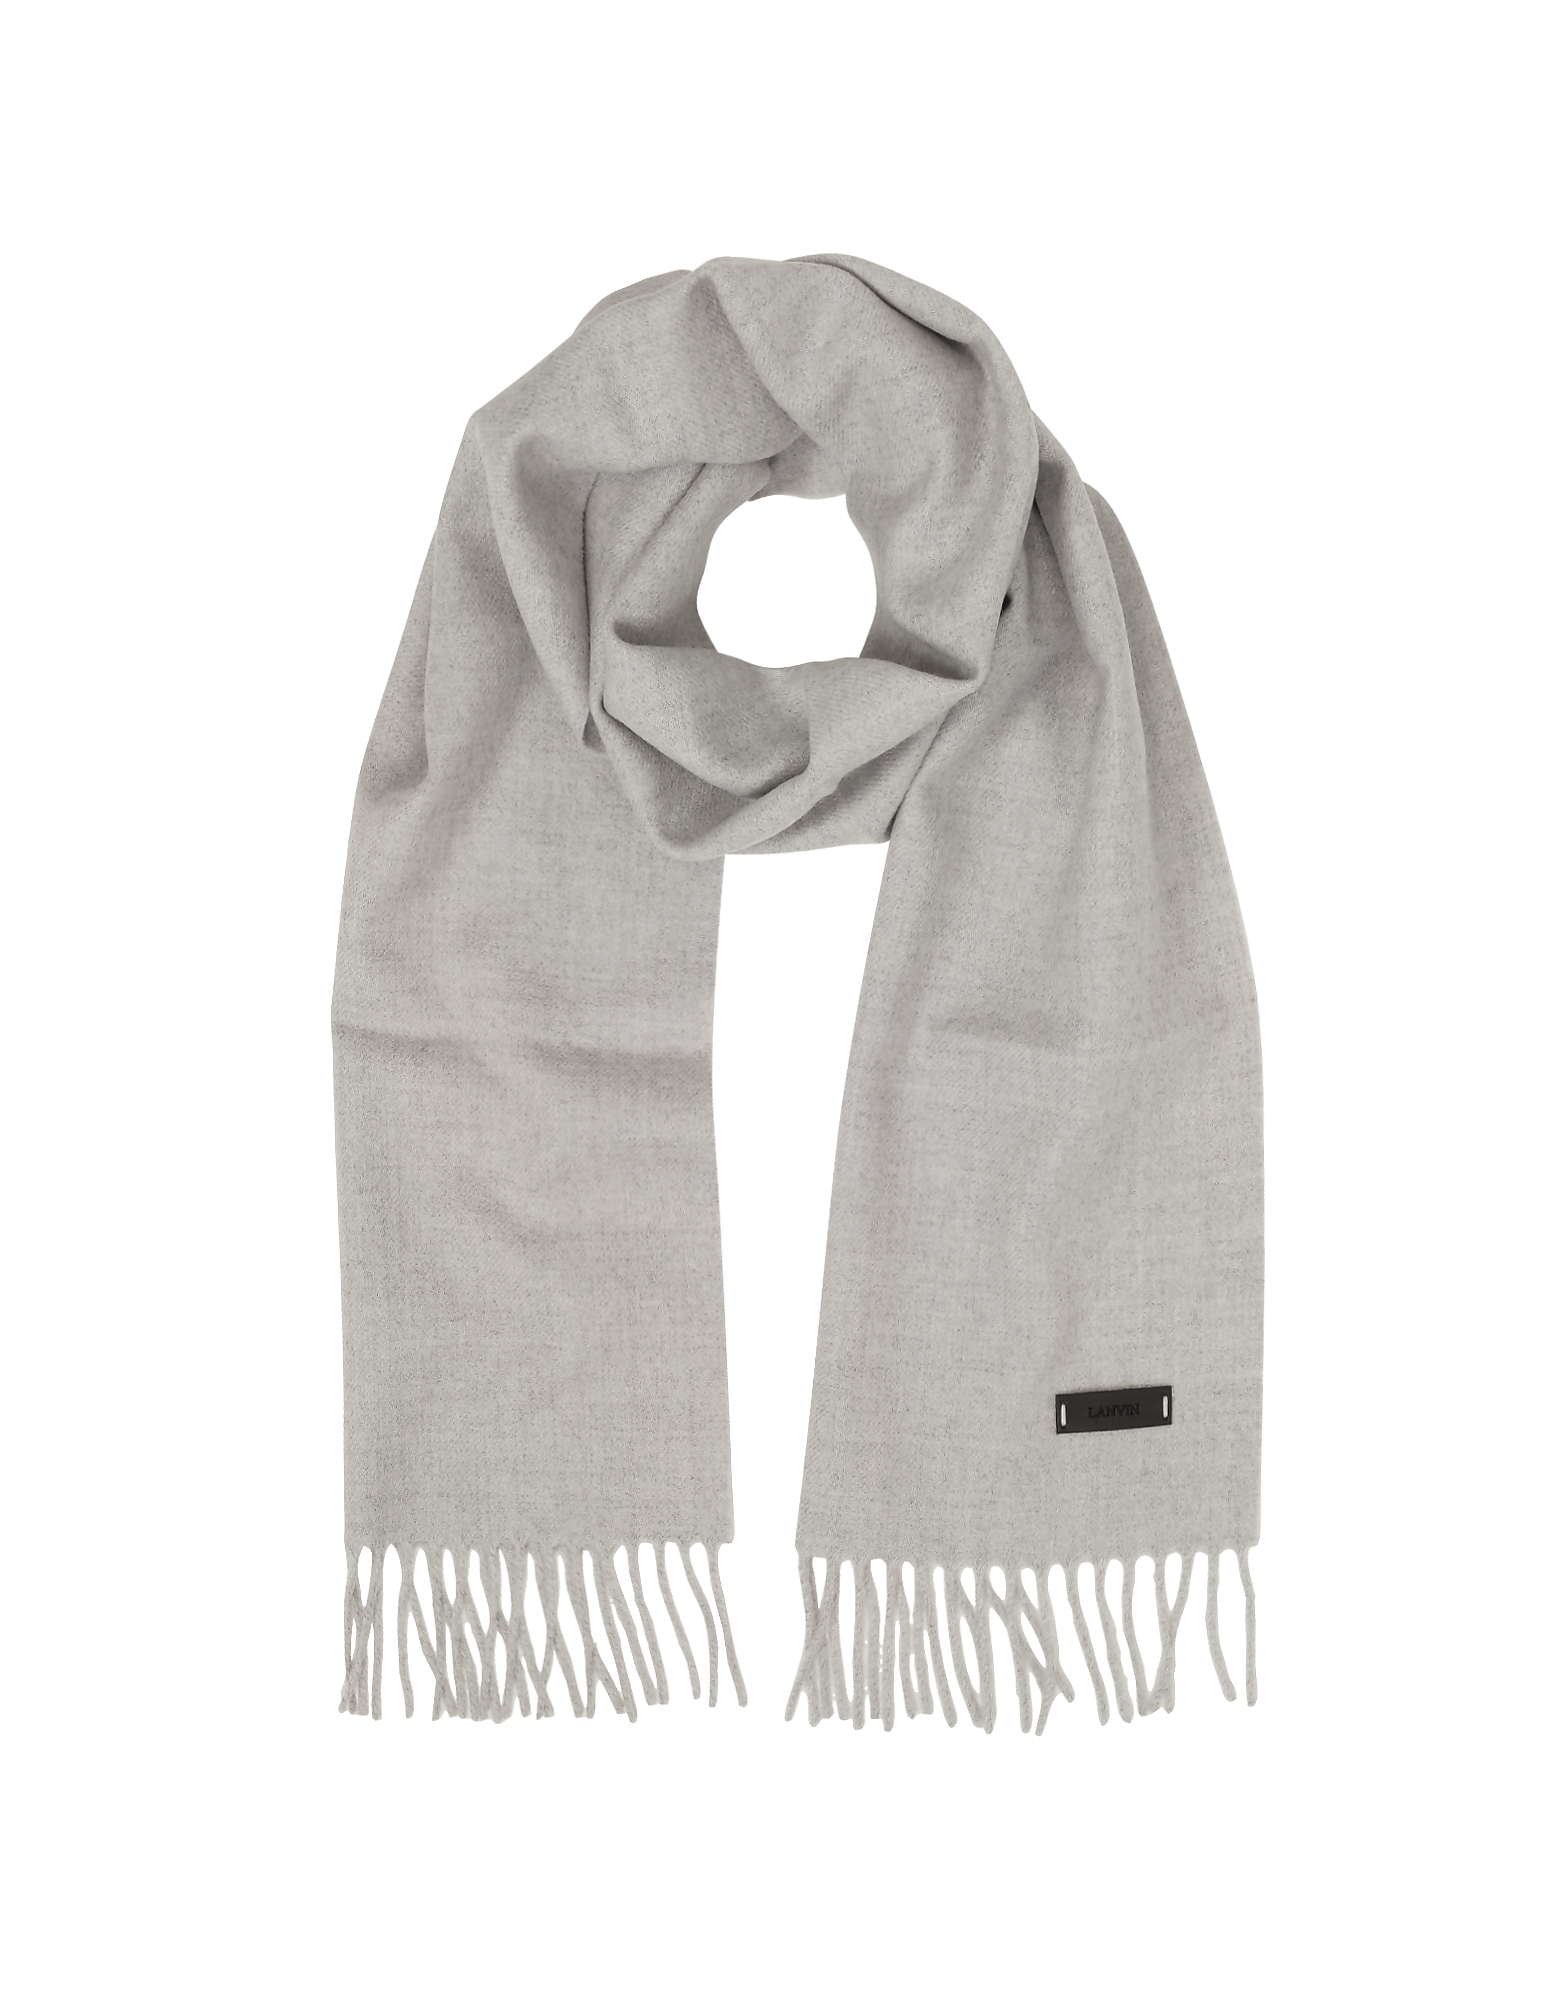 Lanvin Men's Scarves, Solid Wool Long Scarf w/Fringes